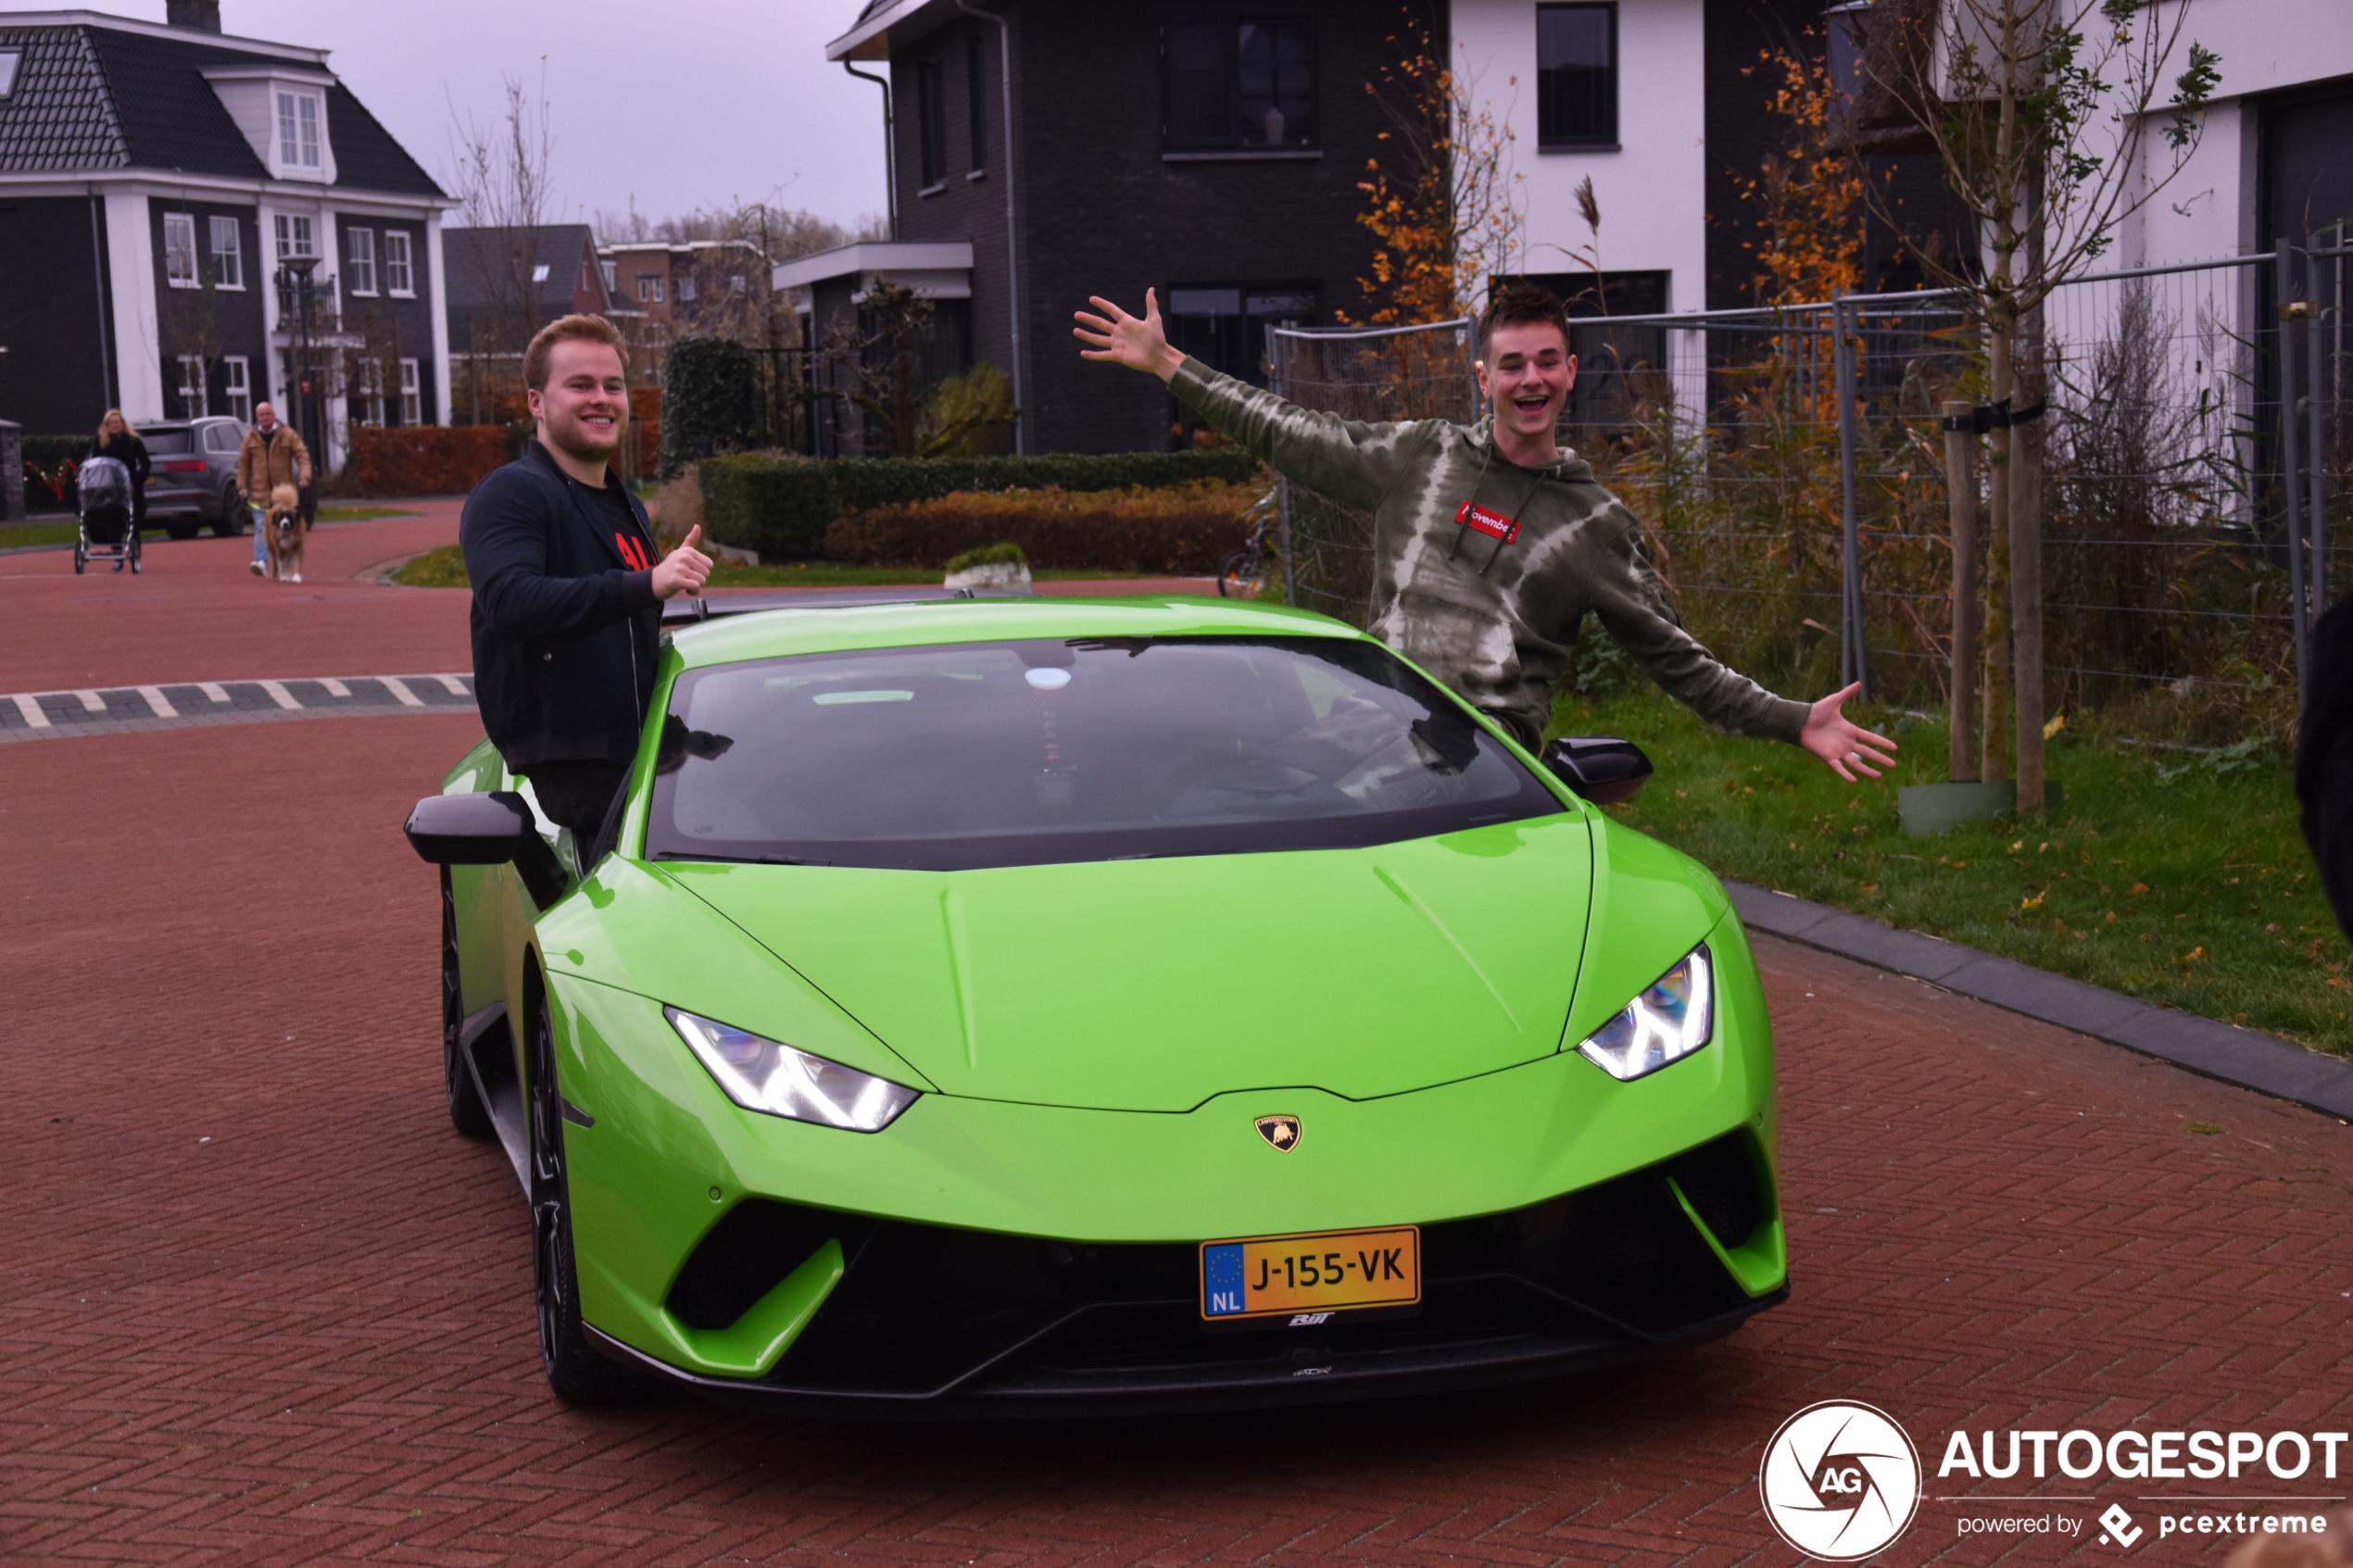 Don de Jong zeer content met zijn nieuwe Lamborghini!